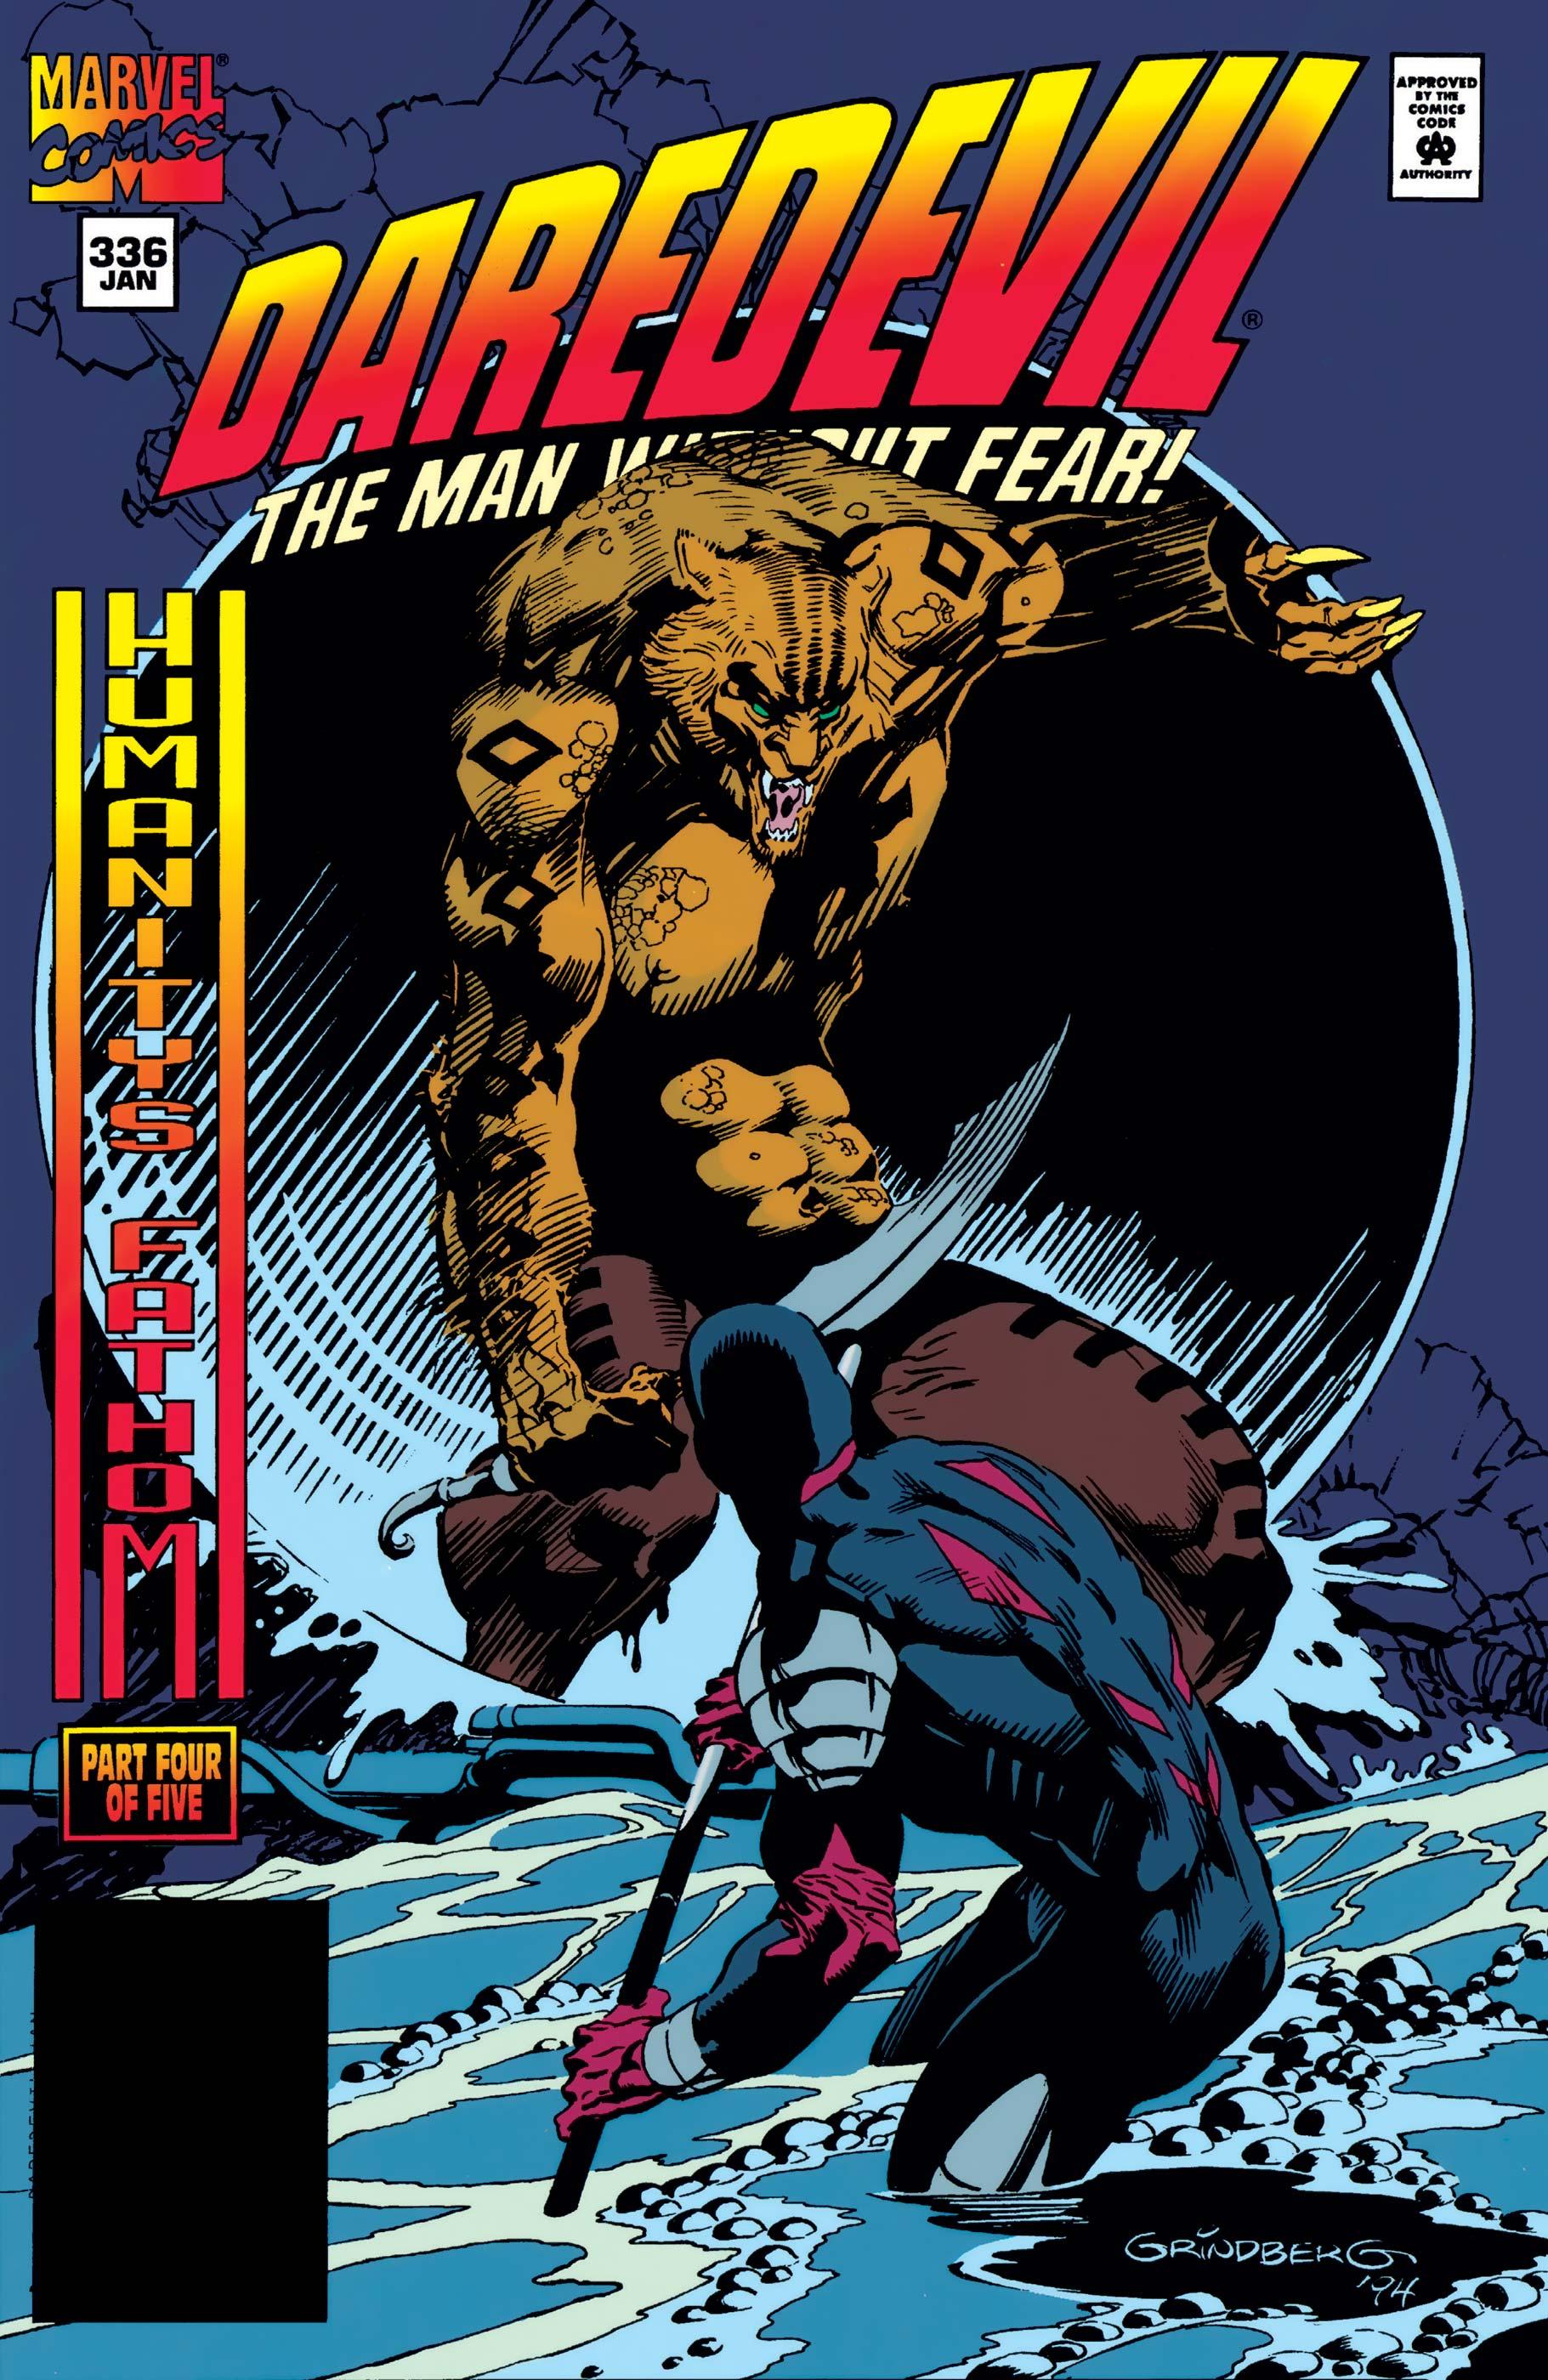 Daredevil (1964) #336